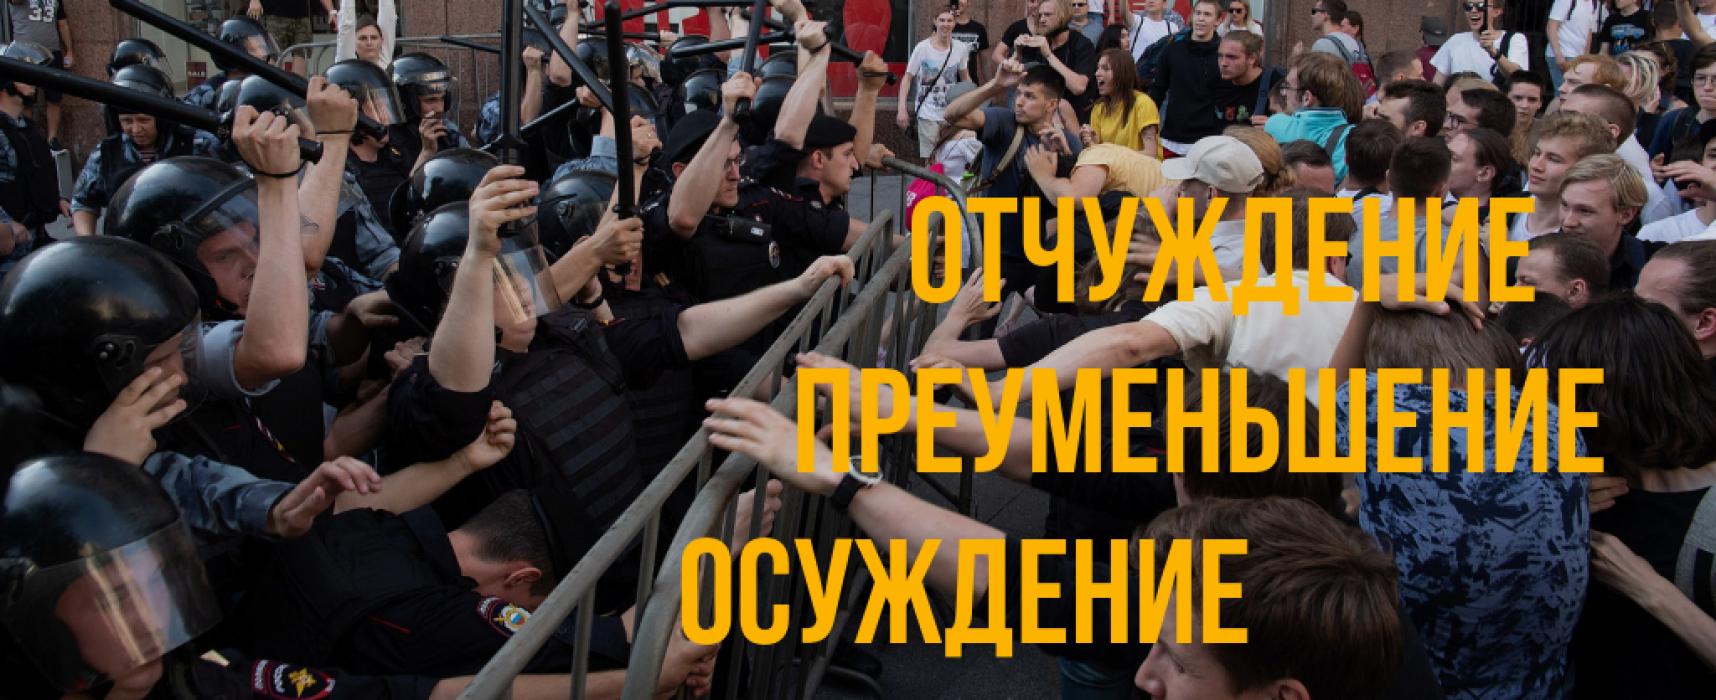 Фейк российских СМИ: власти Грузии пытаются скрыть катастрофический ущерб от потери российских туристов